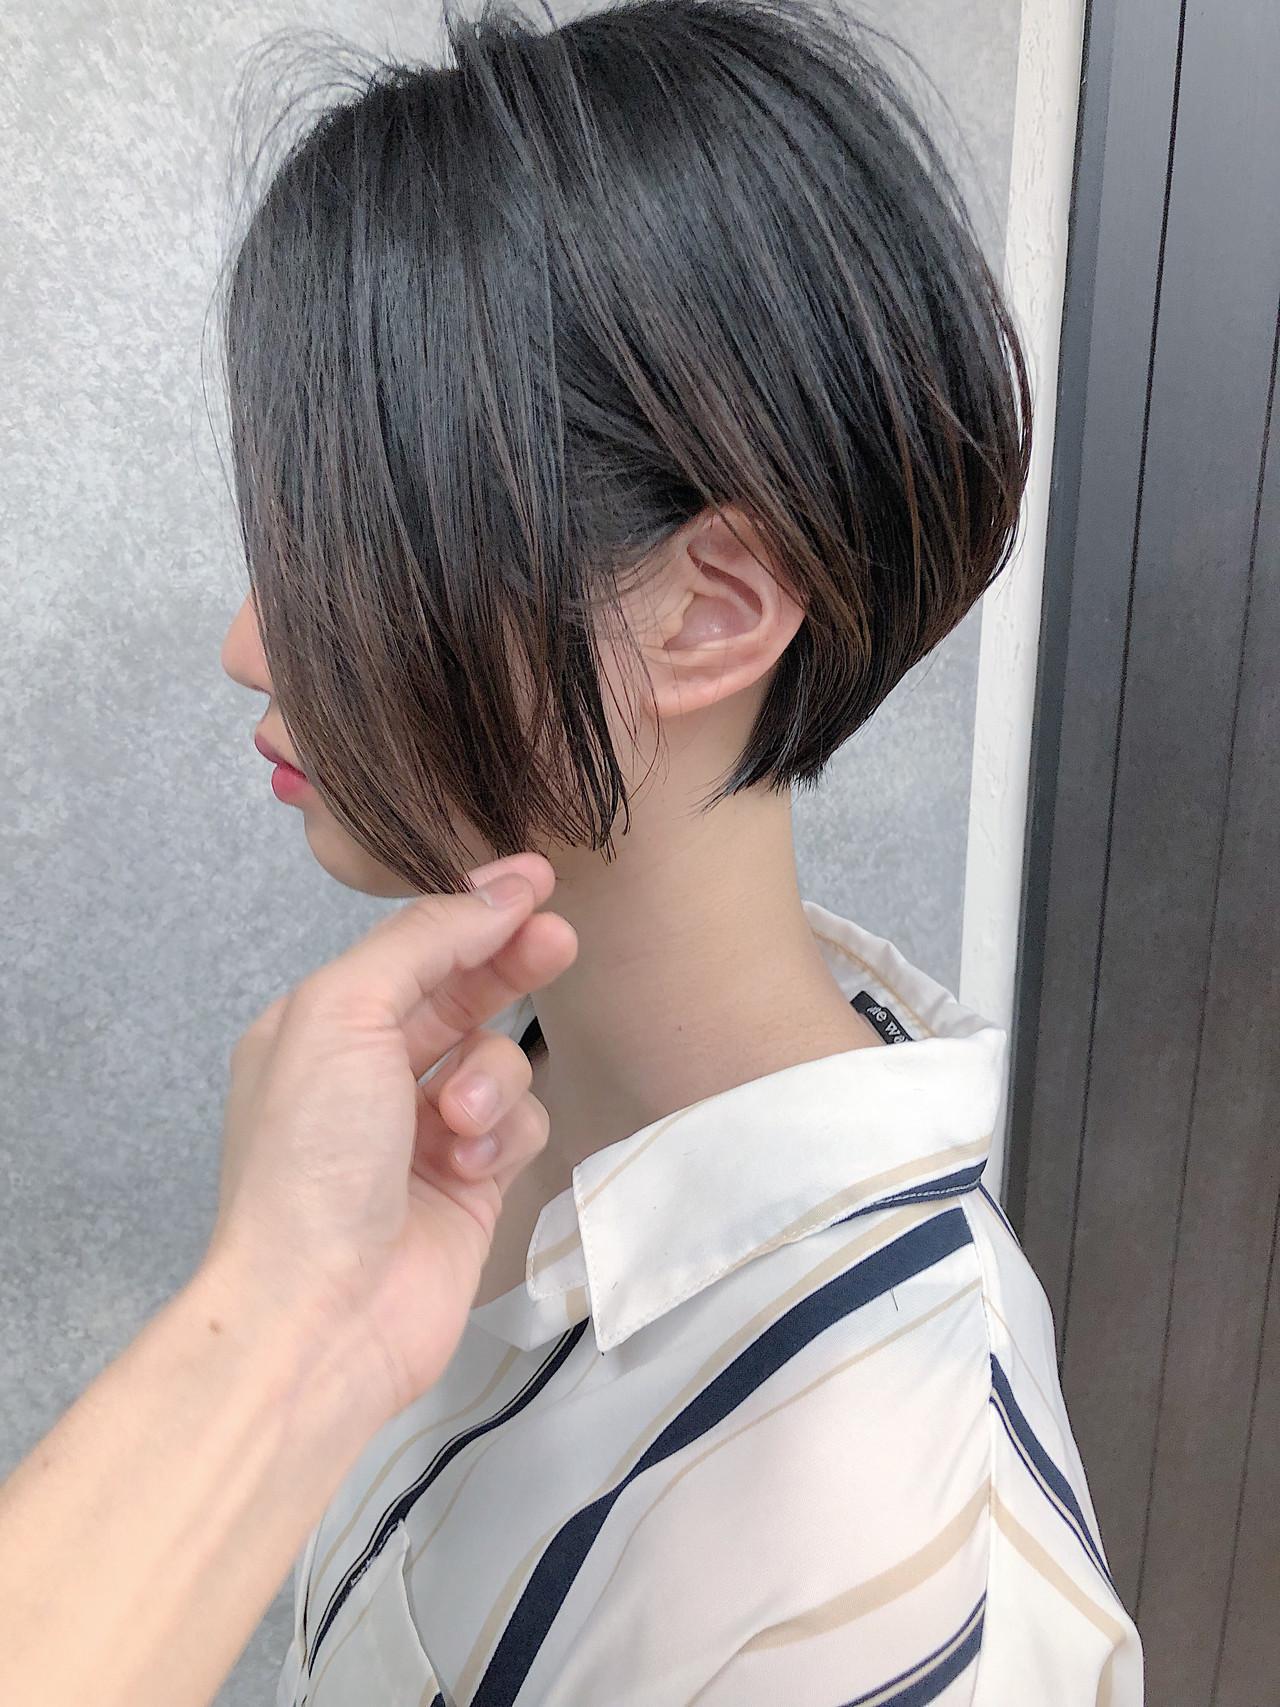 縮毛矯正 ストレート フェミニン ショートボブ ヘアスタイルや髪型の写真・画像